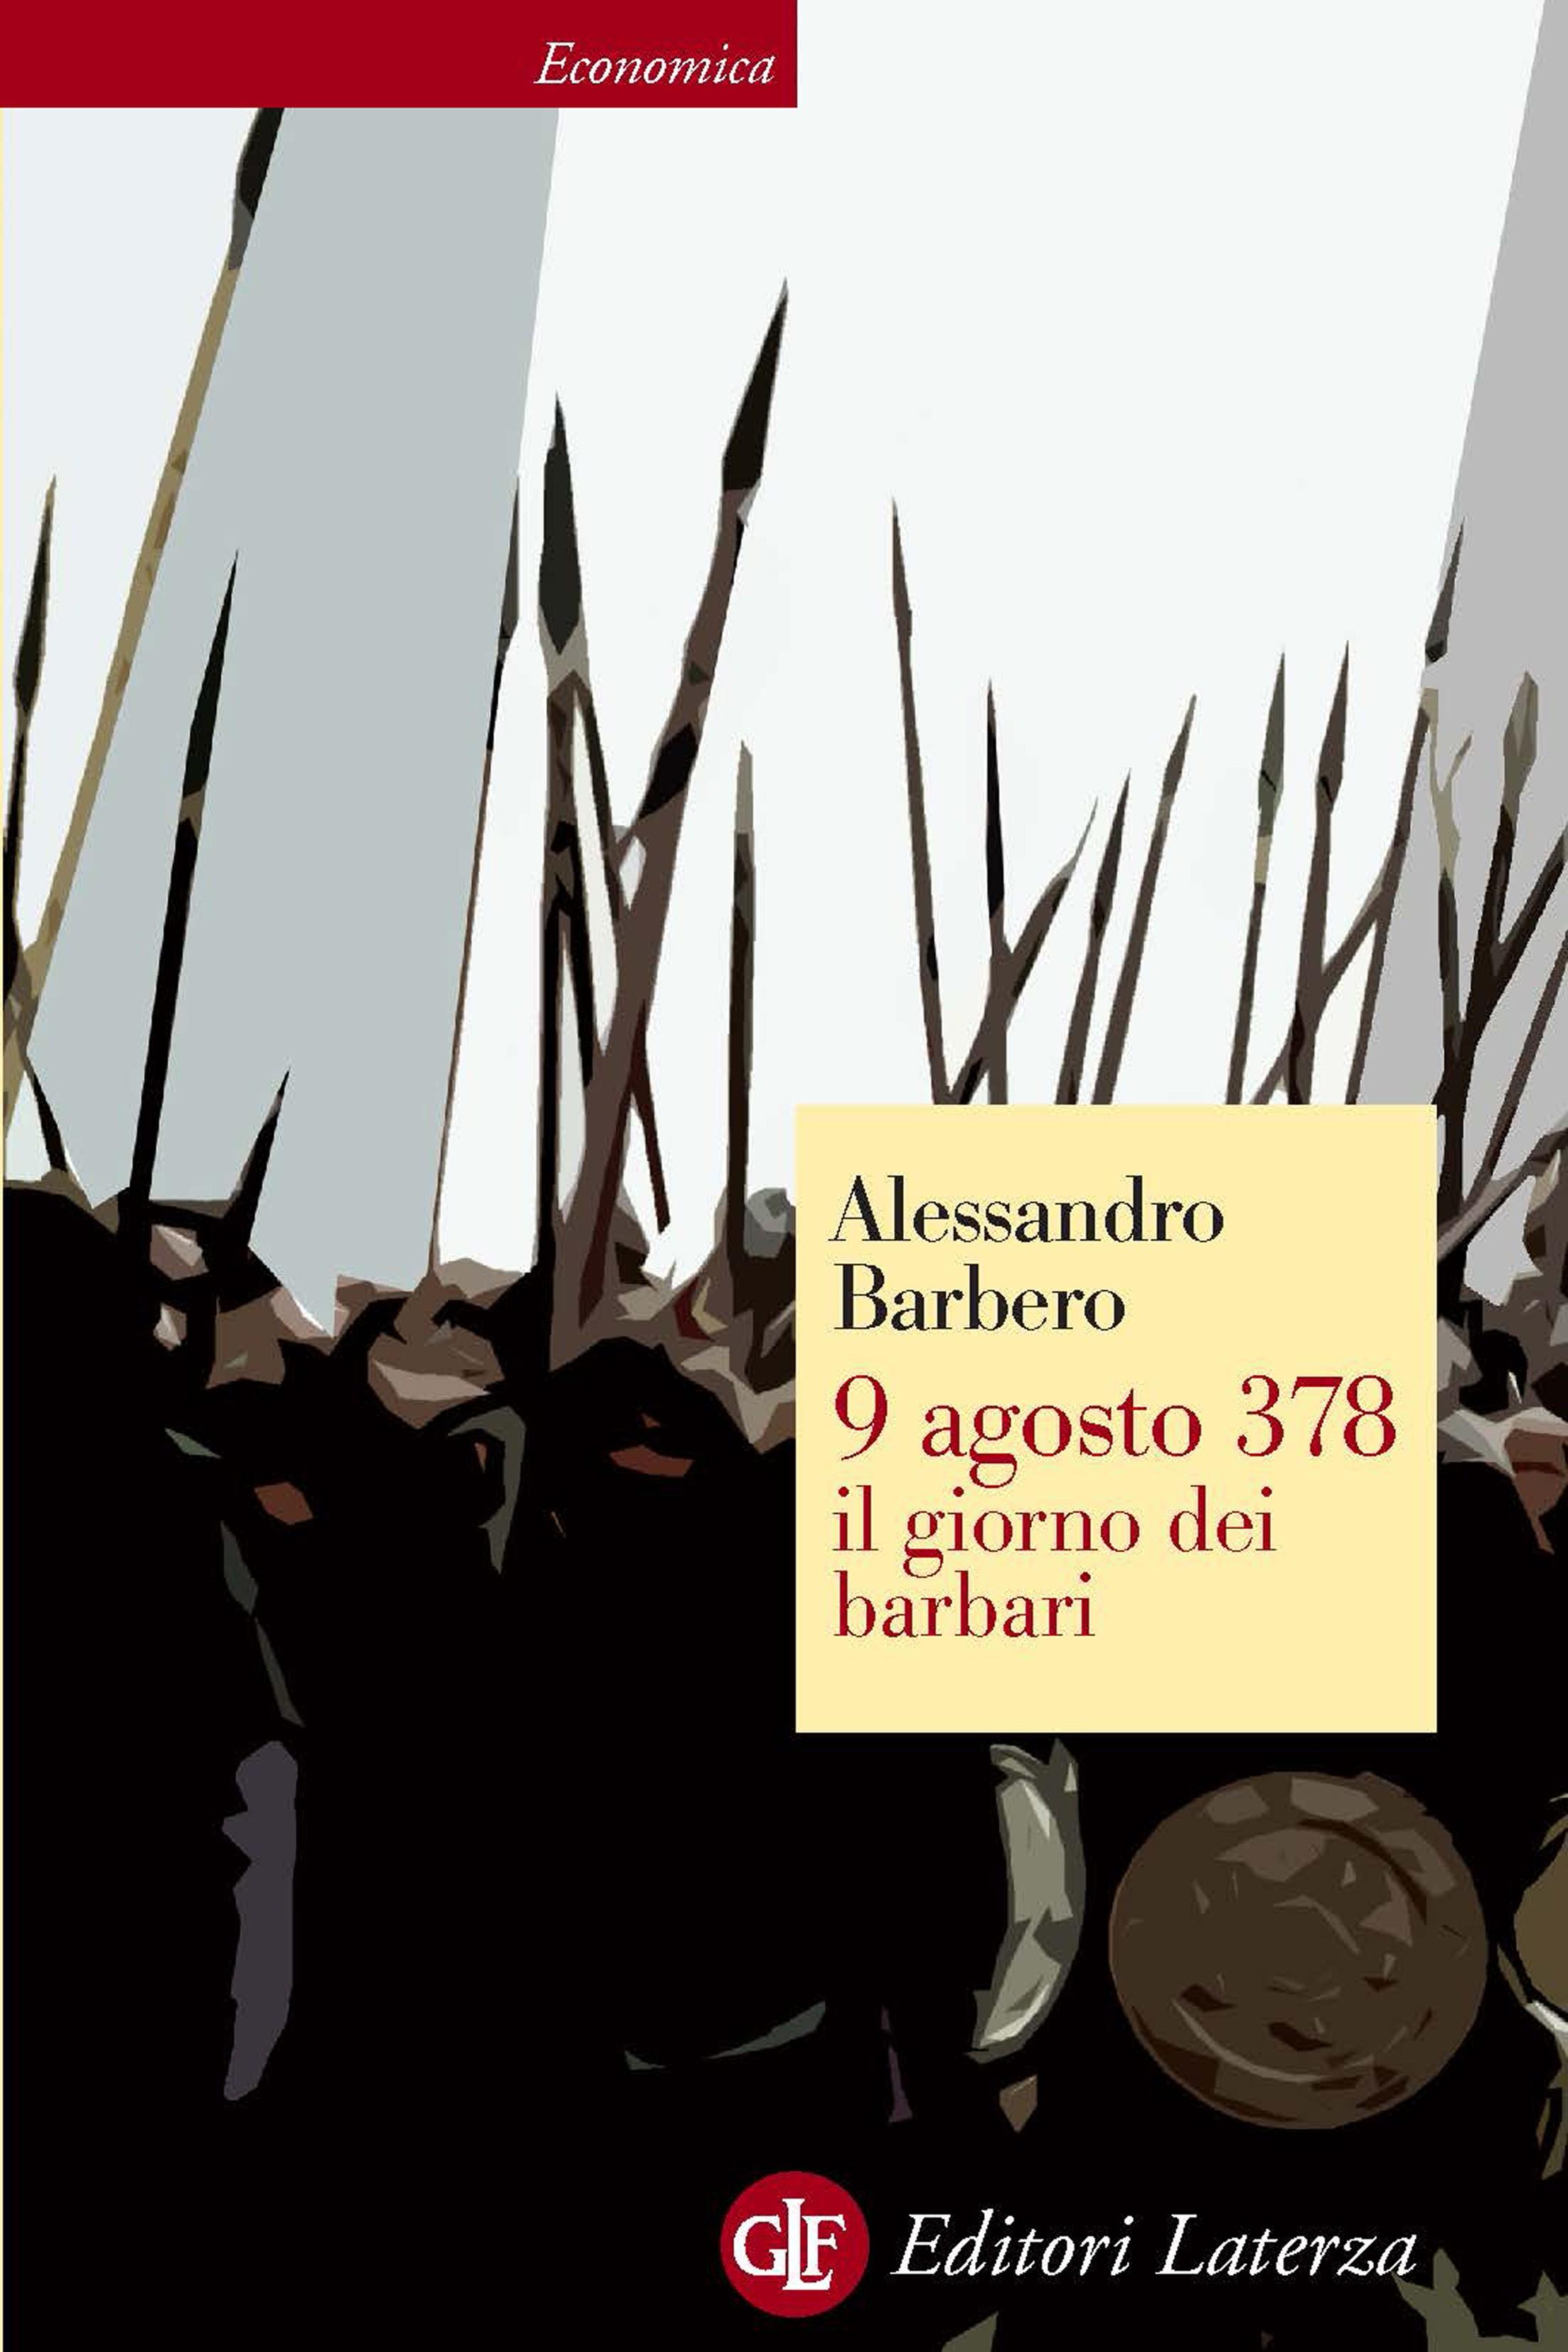 9 agosto 378, il gio...